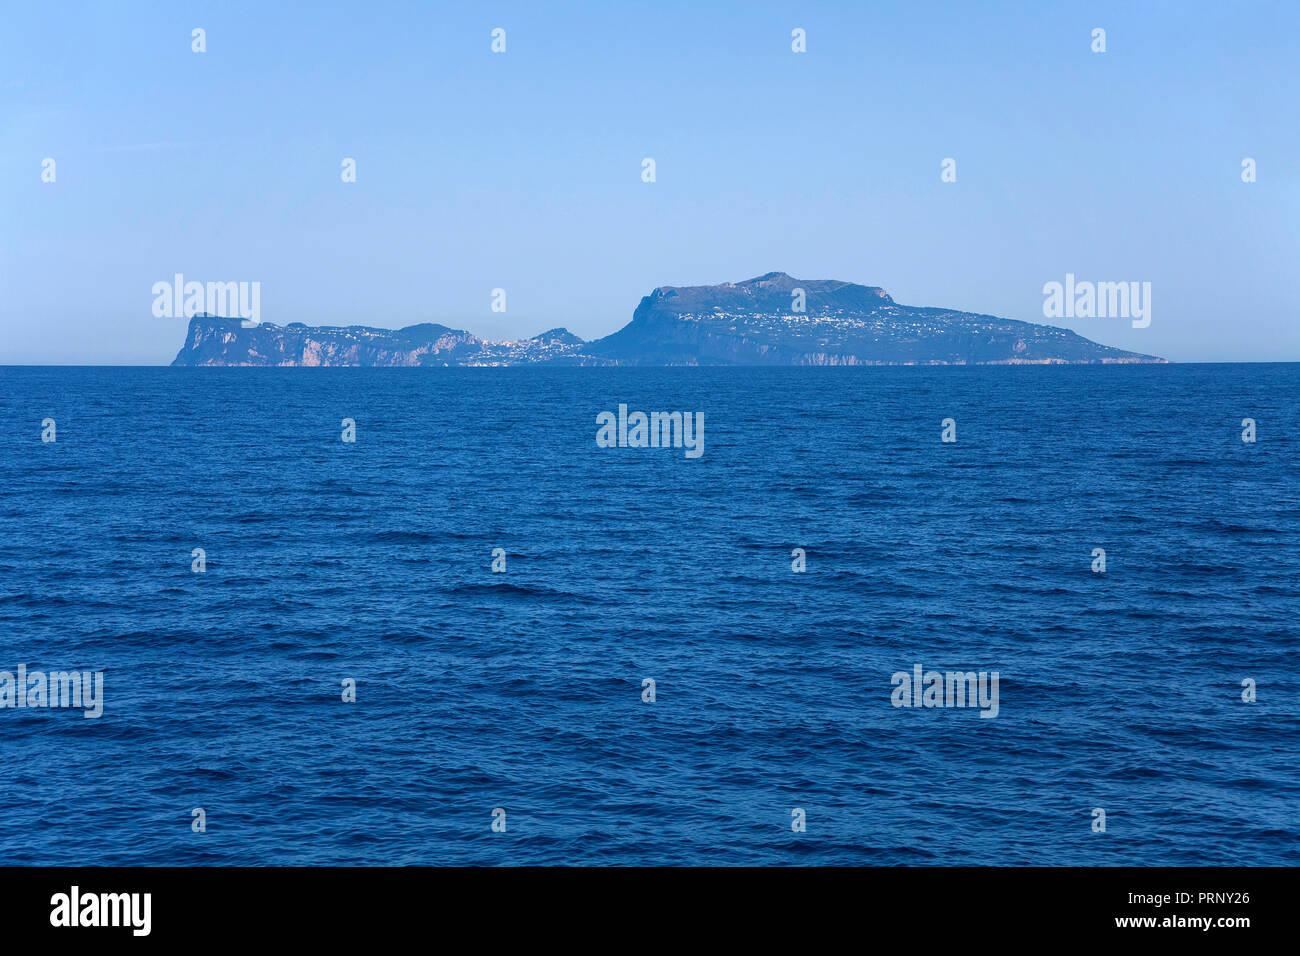 Die Insel Capri im Golf von Neapel, Kampanien, Italien | Blick auf die Insel Capri, Golf von Neapel, Kampanien, Italien Stockbild